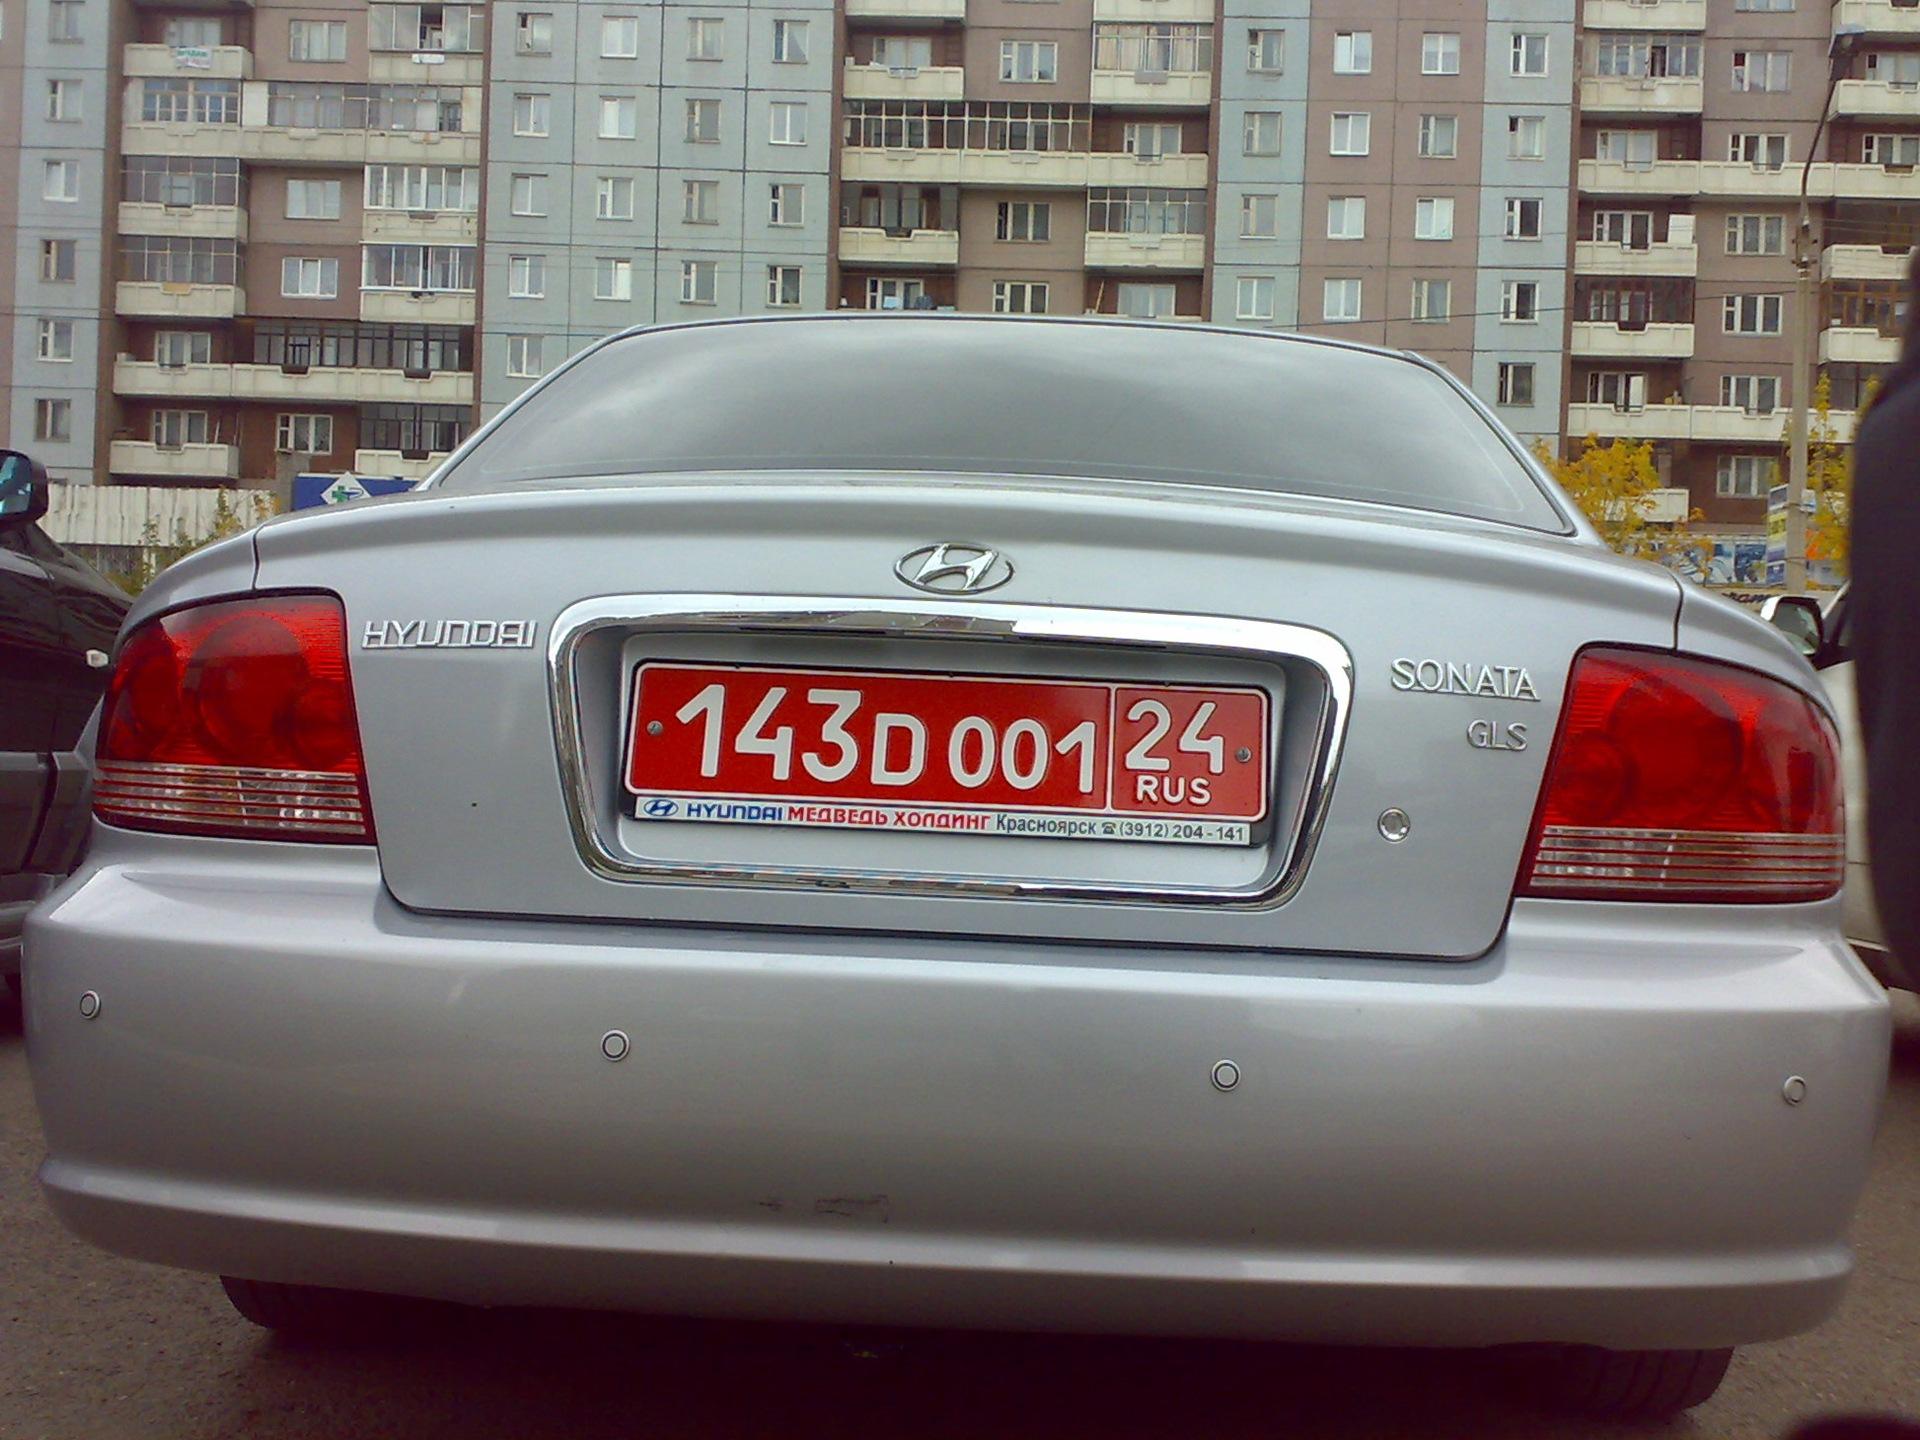 красные номера на машине